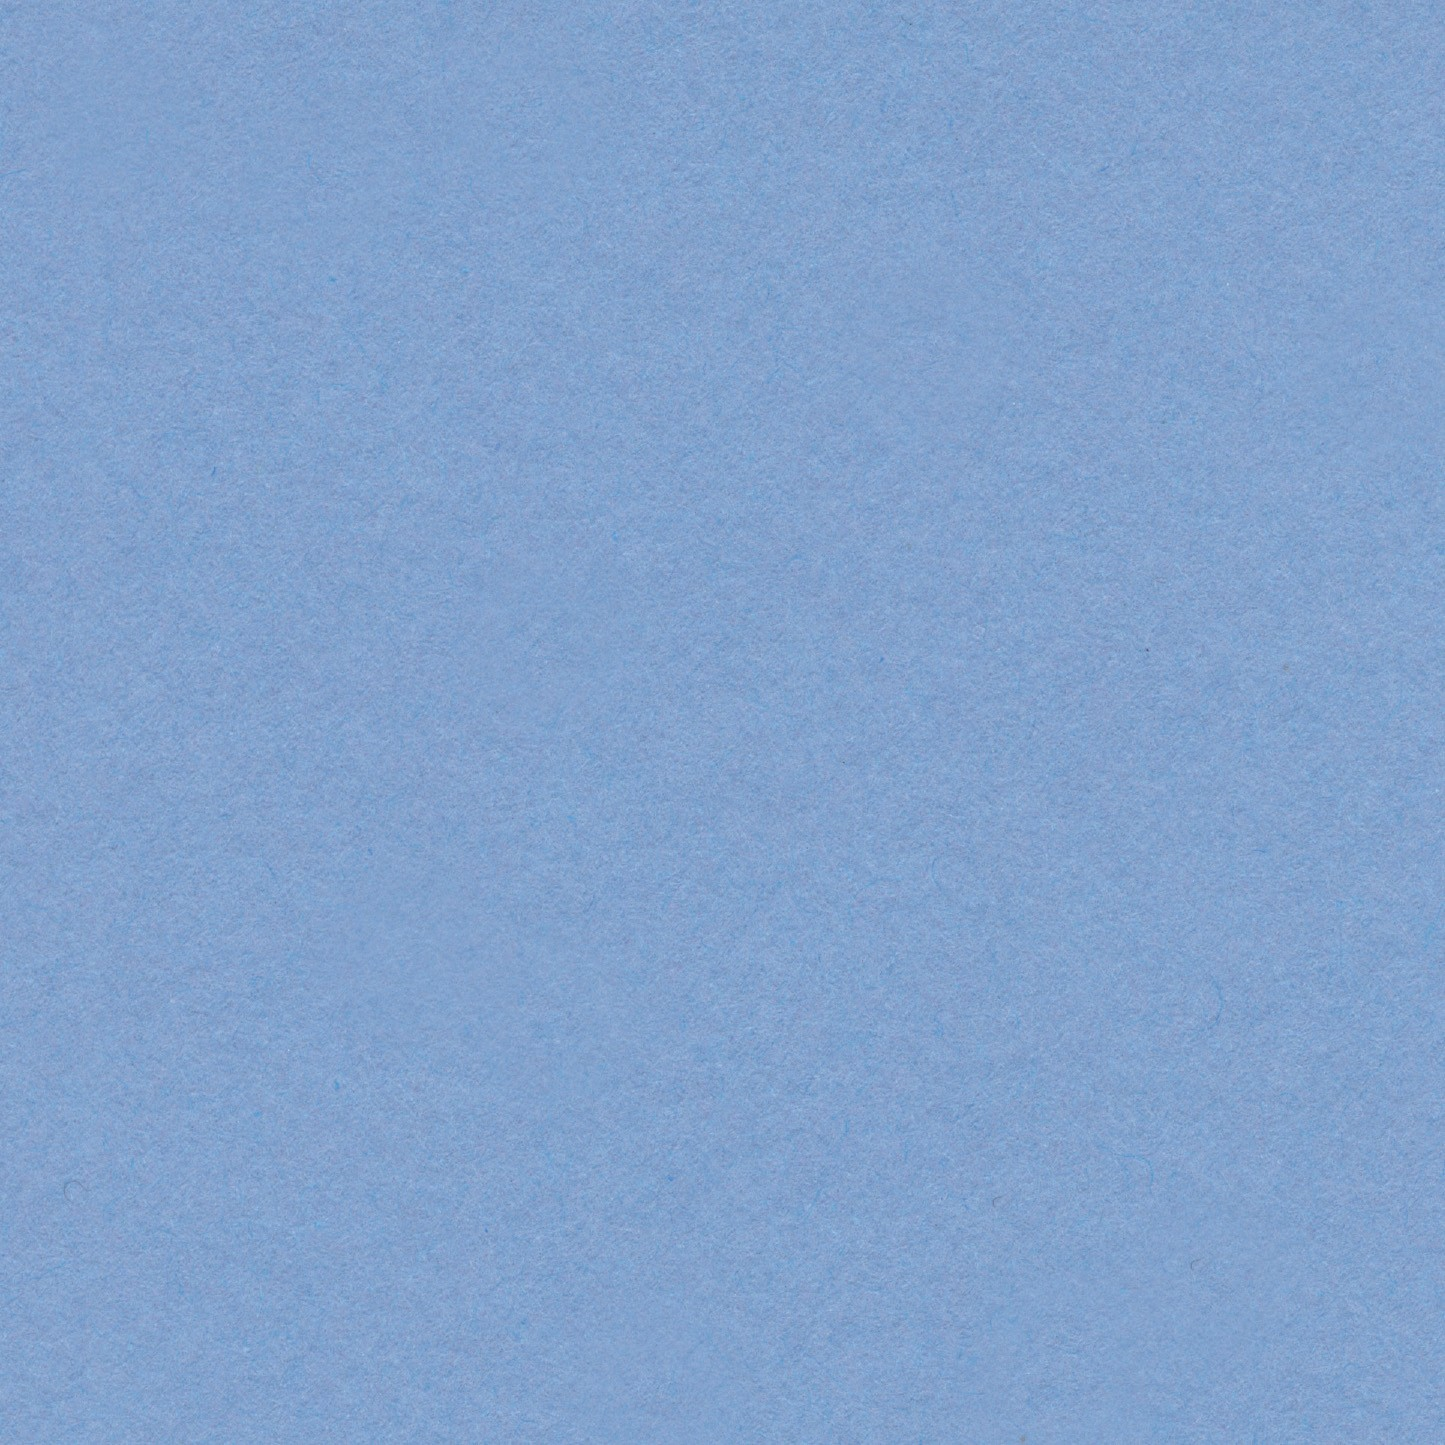 Blue - Sky 135gsm